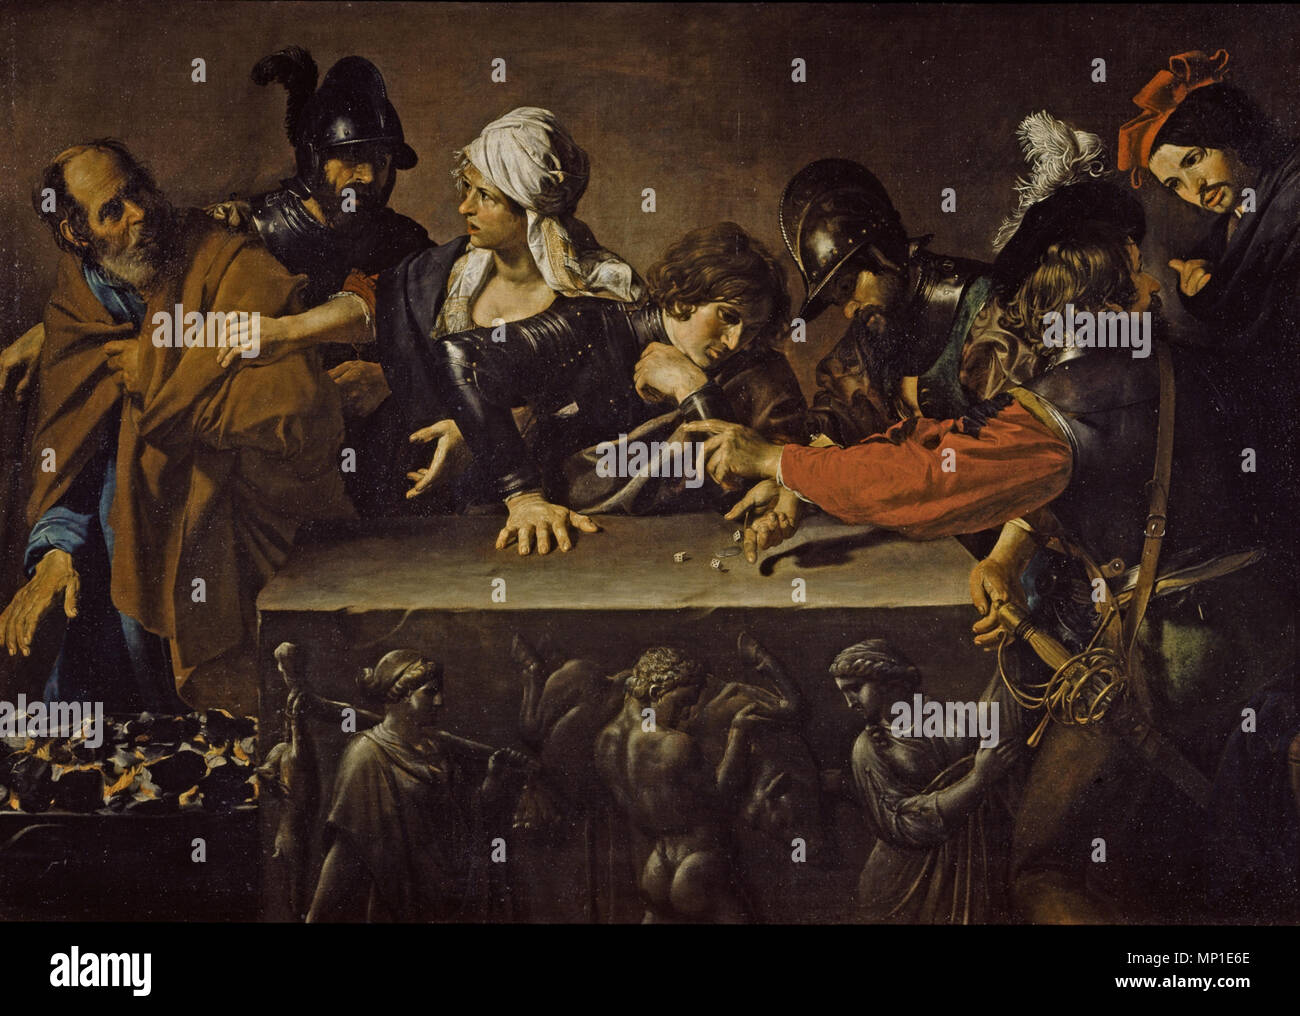 1218 Valentin de Boulogne - Negazione di Pietro - Stock Image